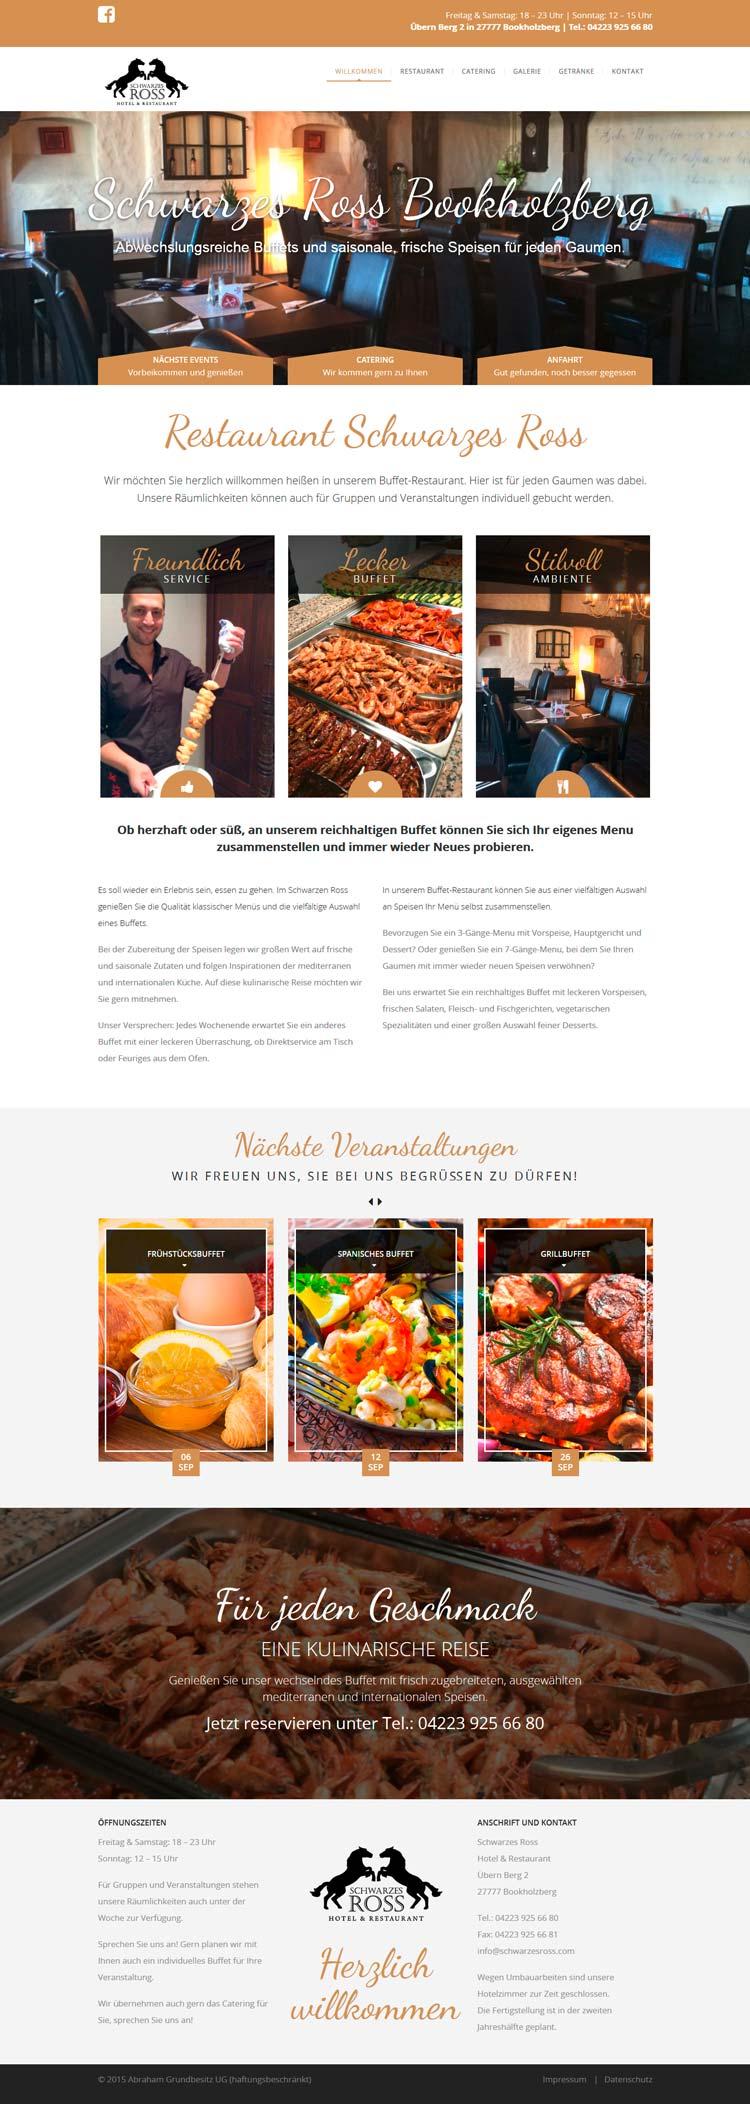 Webdesign der Homepage für das Restaurant Schwarzes Ross in Bookholzberg, Ganderkesee